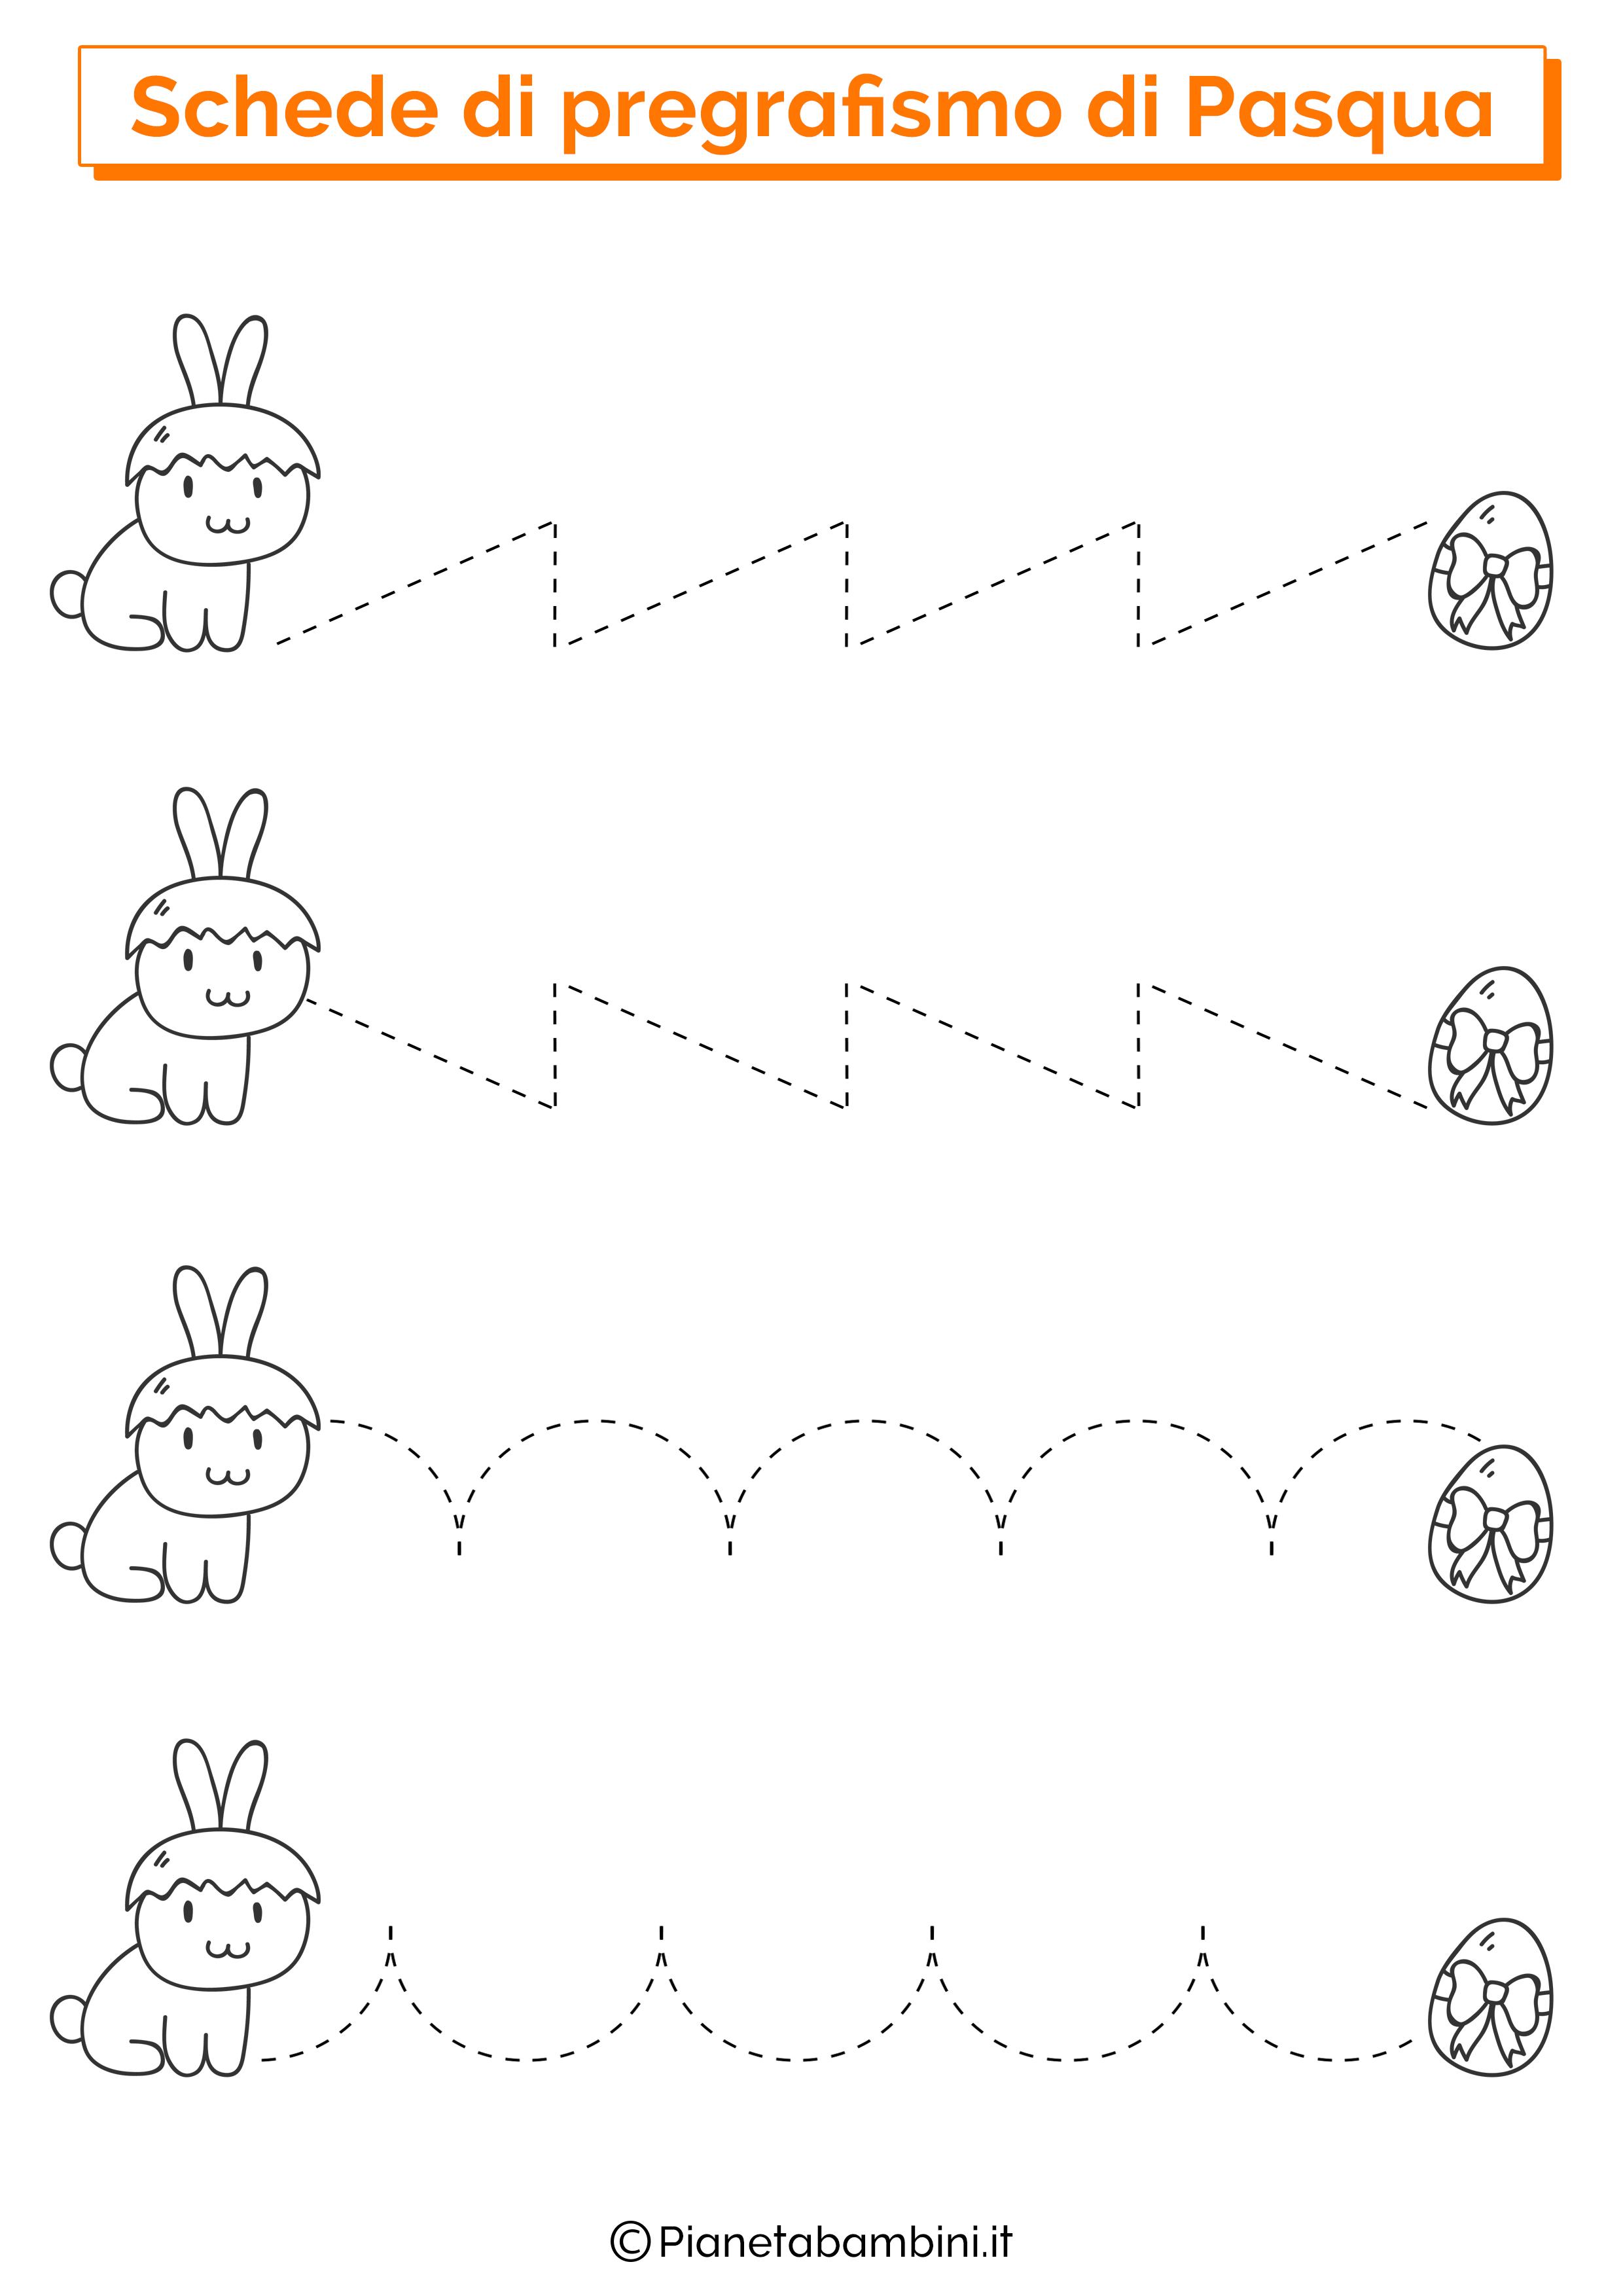 Scheda di pregrafismo di Pasqua su linee orizzontali 2